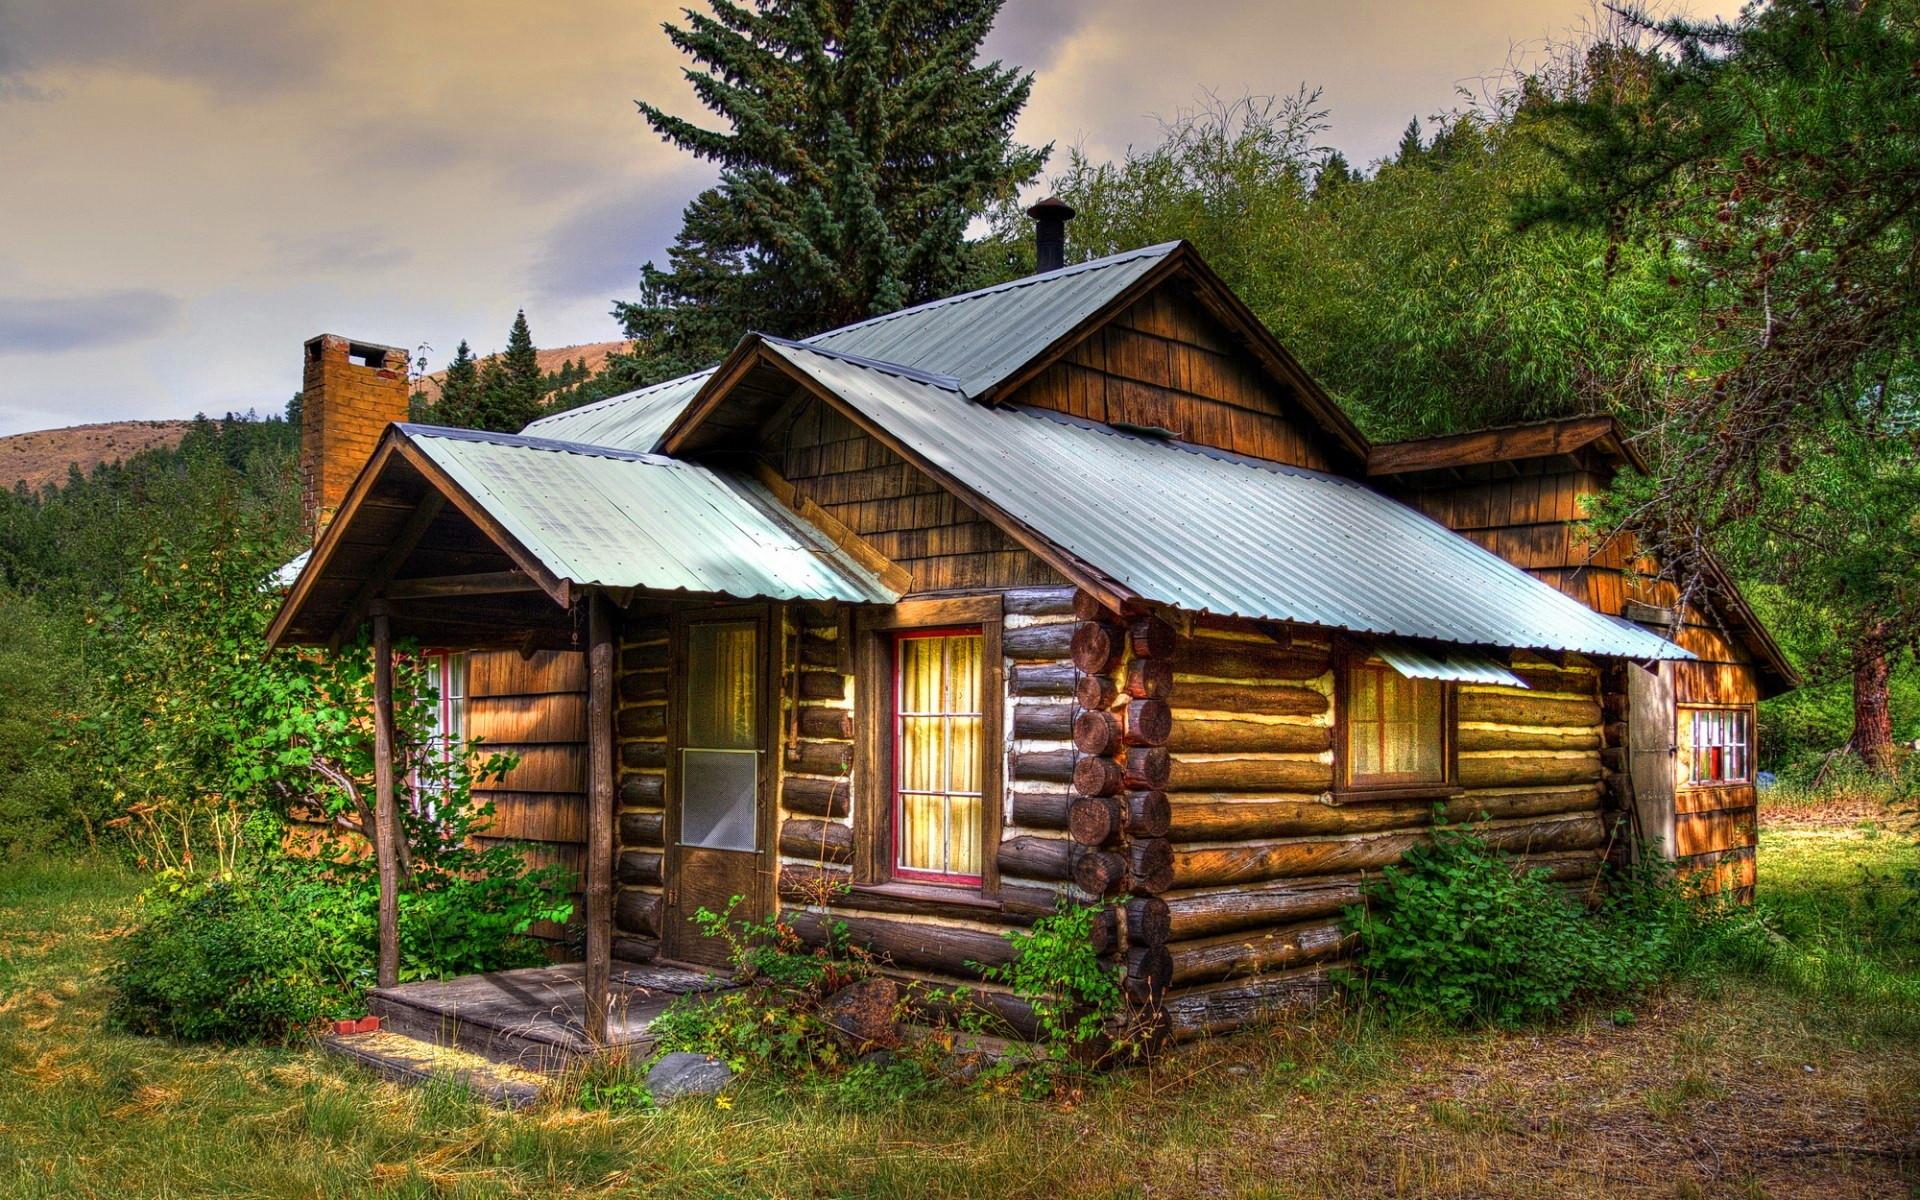 популярности прической картинки с деревянным домиком на обои мама